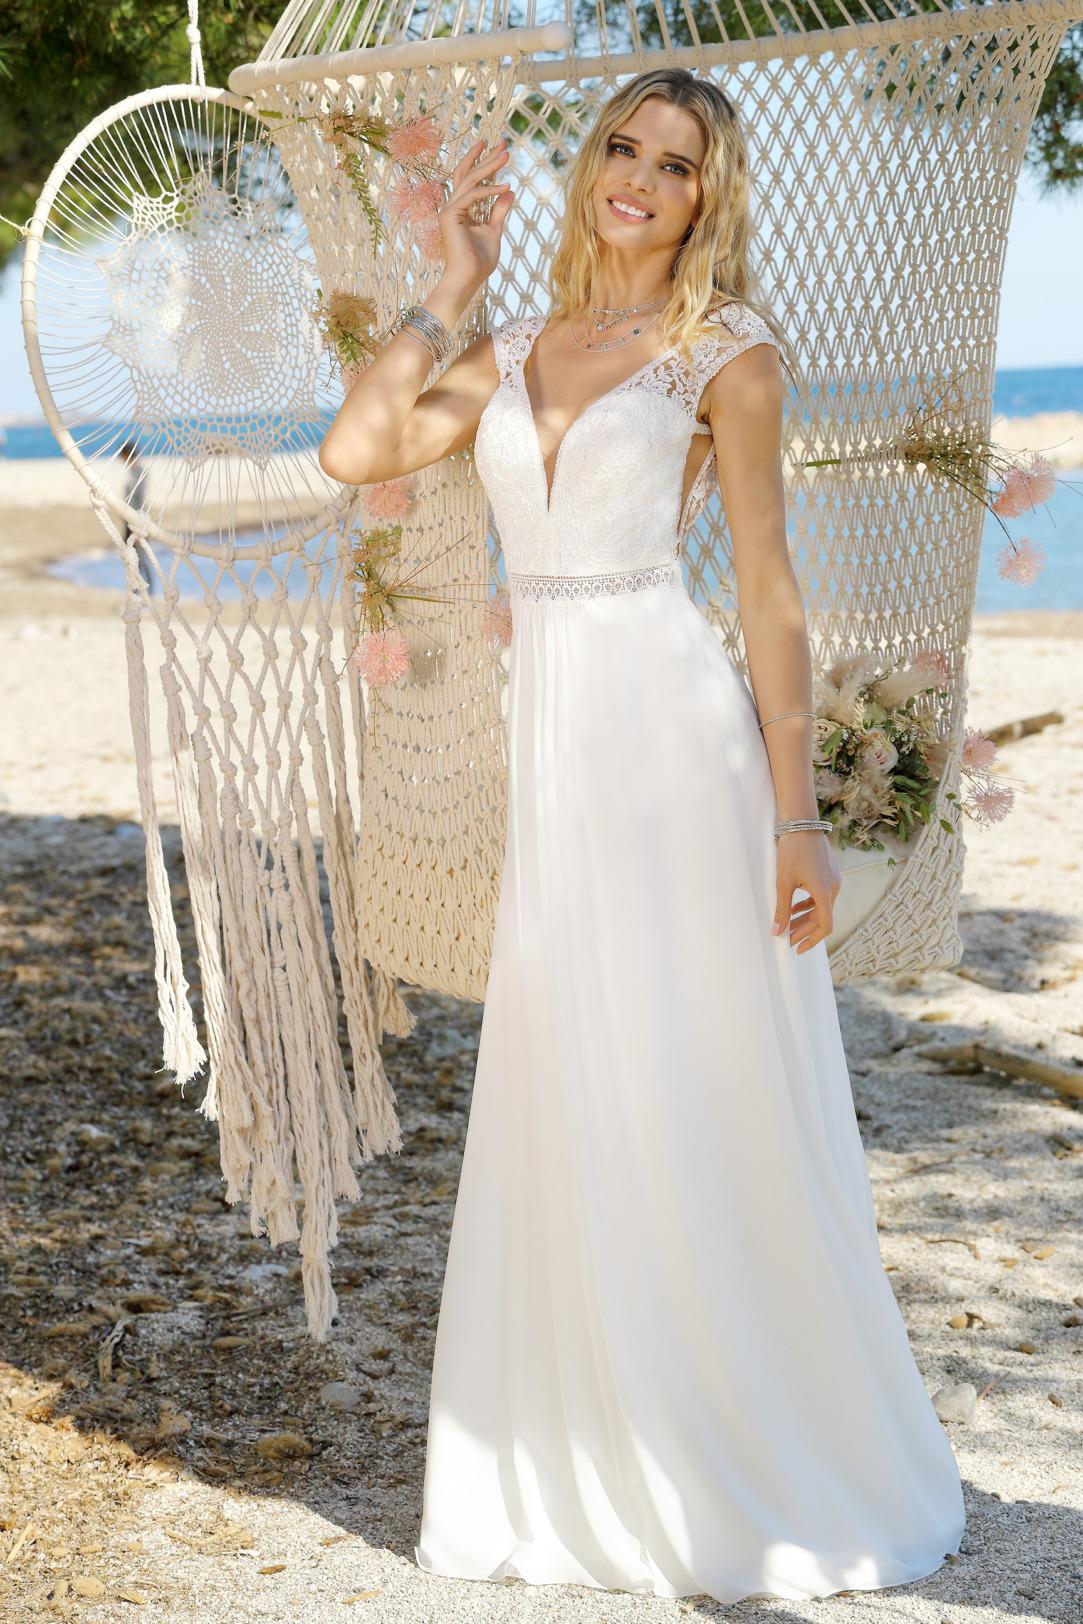 Brautkleider Hochzeitskleider im Vintage Boho Stil von Ladybird Modell 421030 mit V Ausschnitt und feinster Spitze breite Träger seitlichen Cut outs